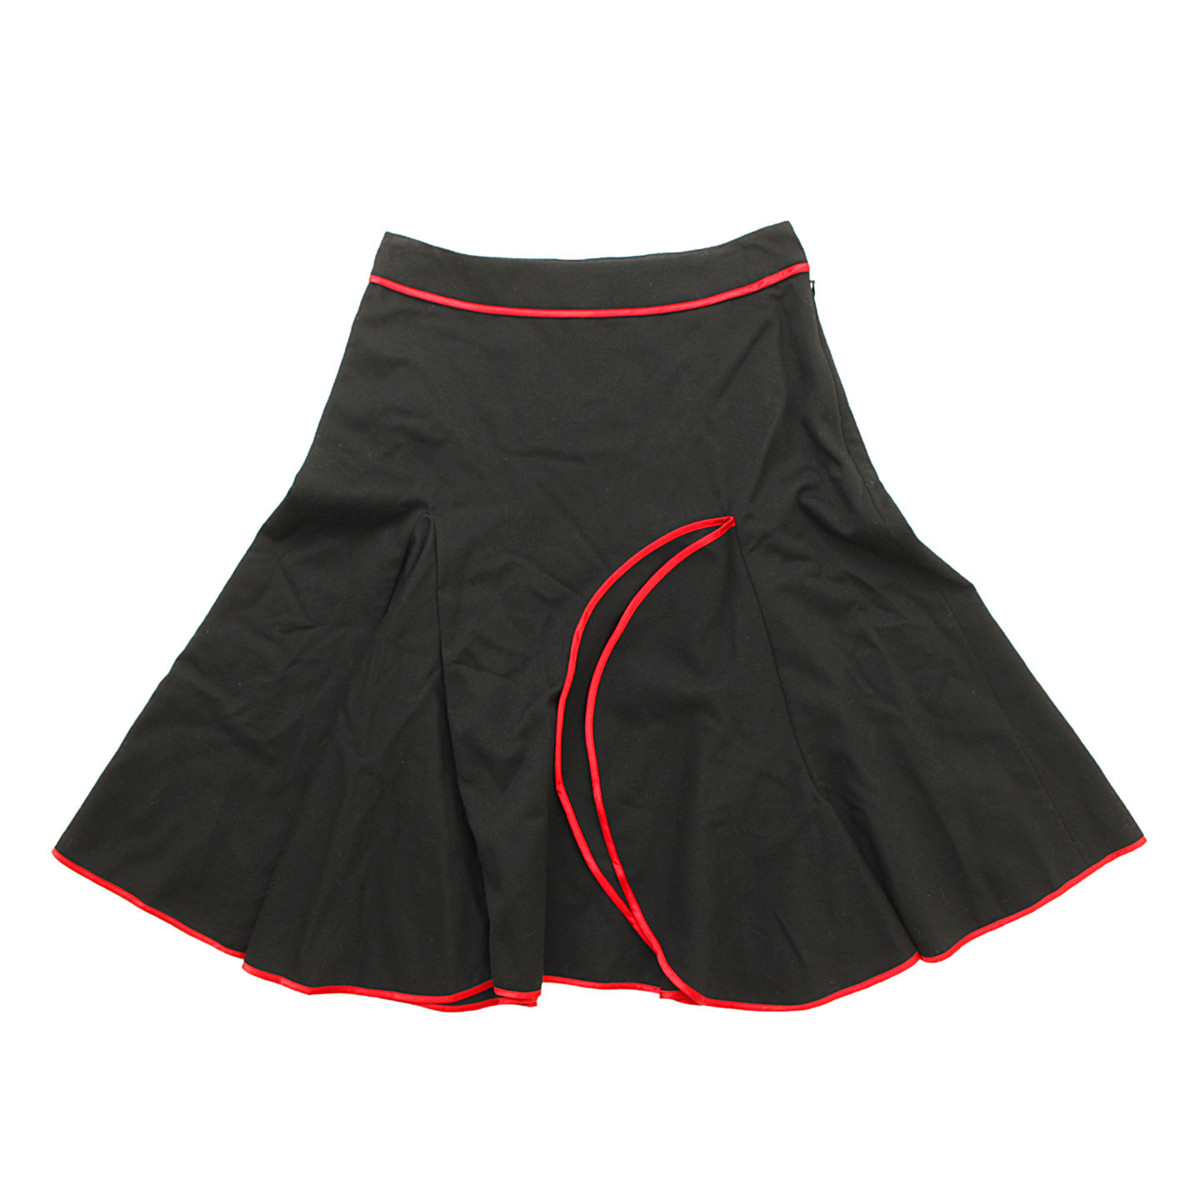 【ルイヴィトン】Louis Vuitton パイピング ウール フレア スカート ブラック 38 【中古】【鑑定済・正規品保証】38146